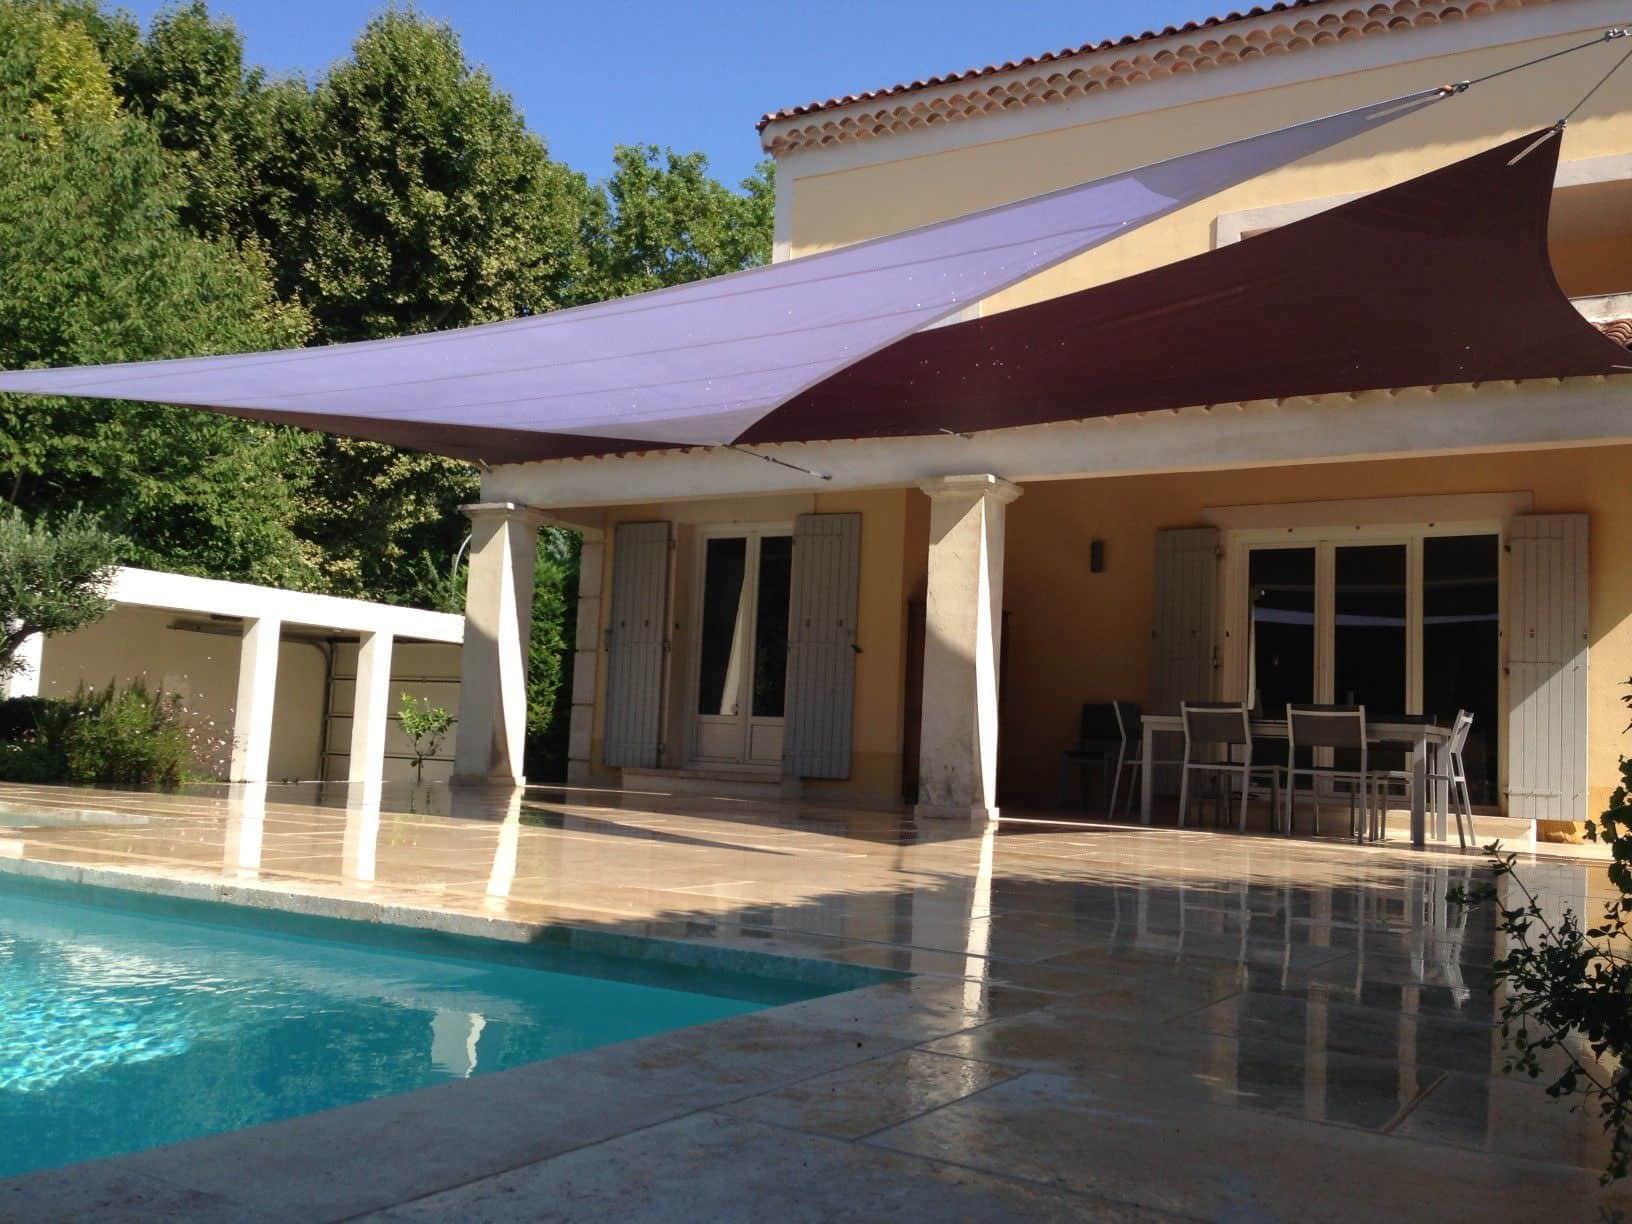 5 raisons de choisir les voiles d ombrage pour votre - Ombrage pour terrasse ...